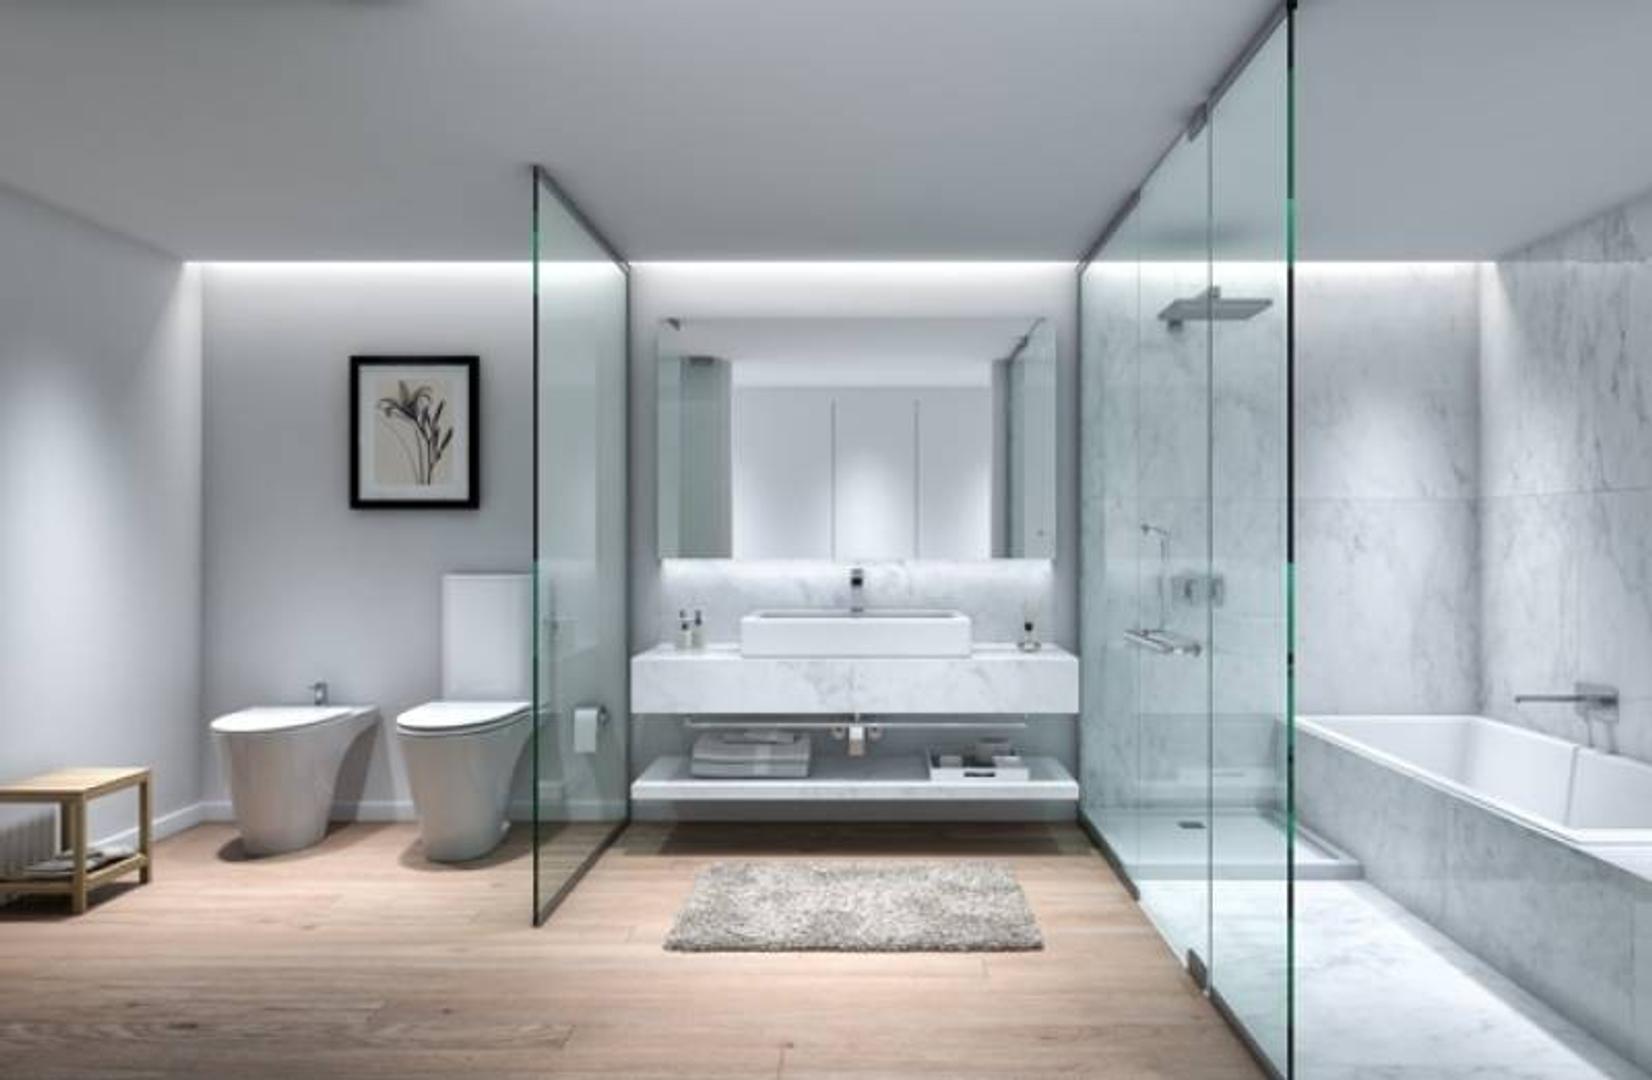 OM RECOLETA - 3 Dormitorios + Dormitorio de Servicio